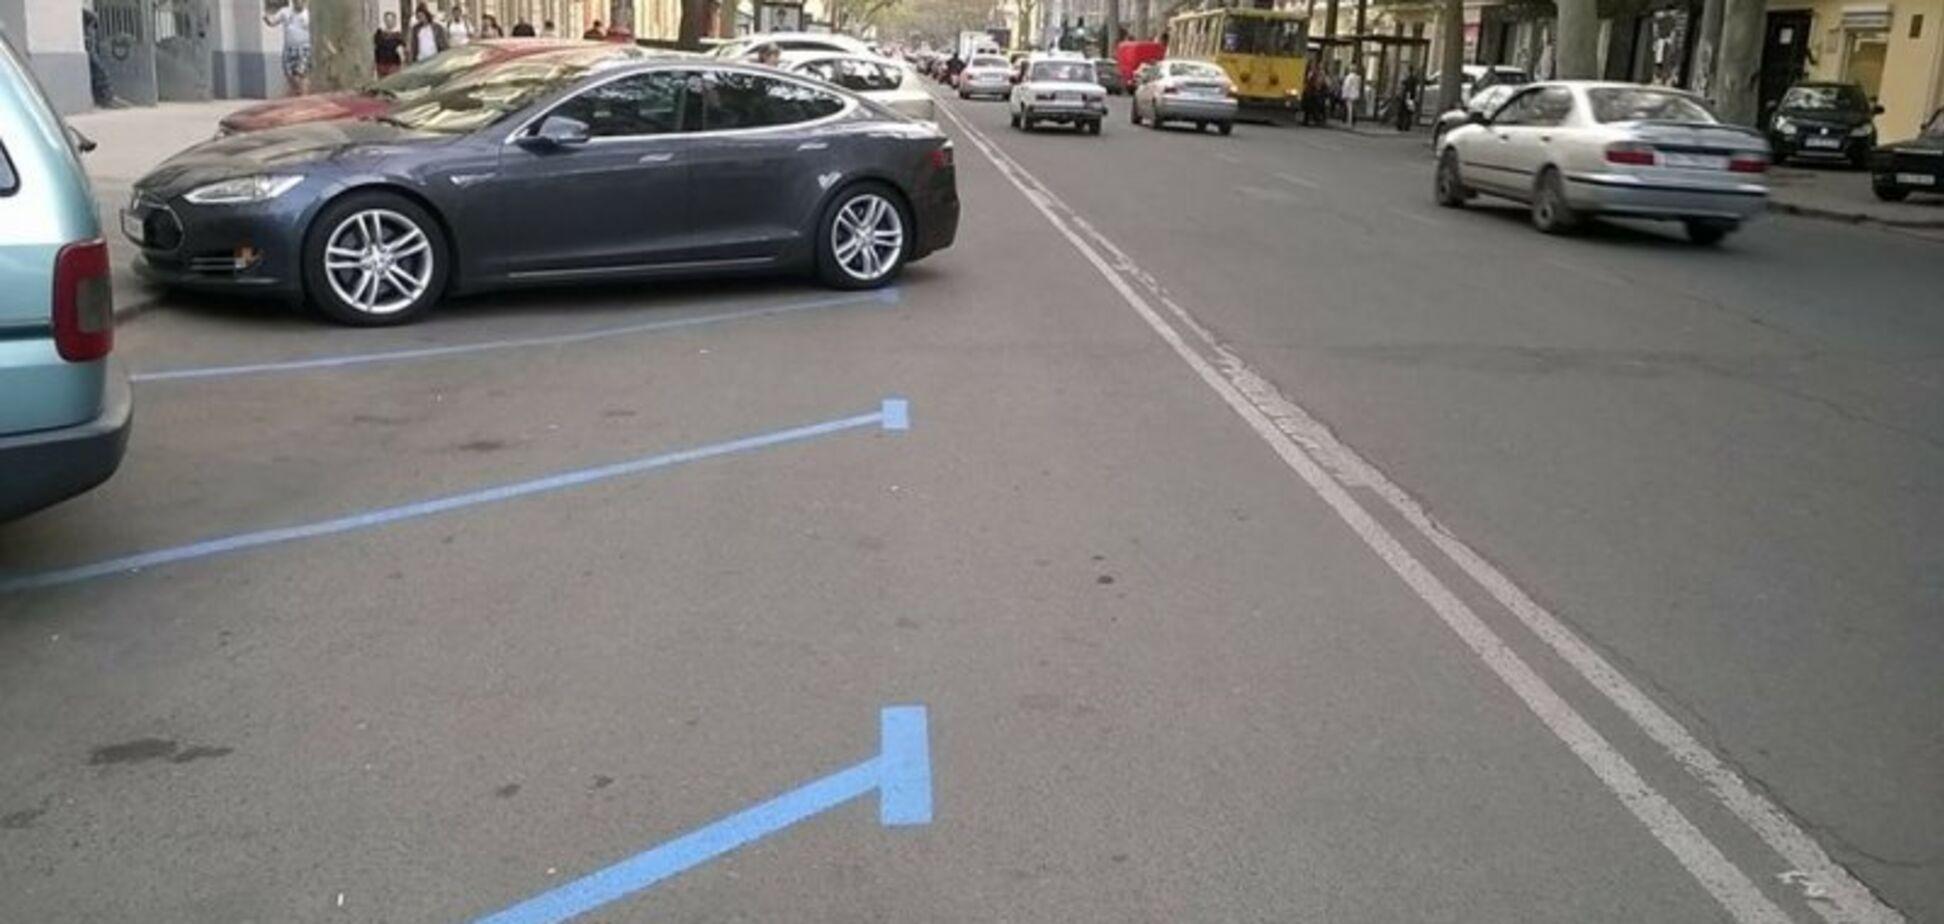 Новые штрафы за неуплату парковки: как оплачивать парко-место законно